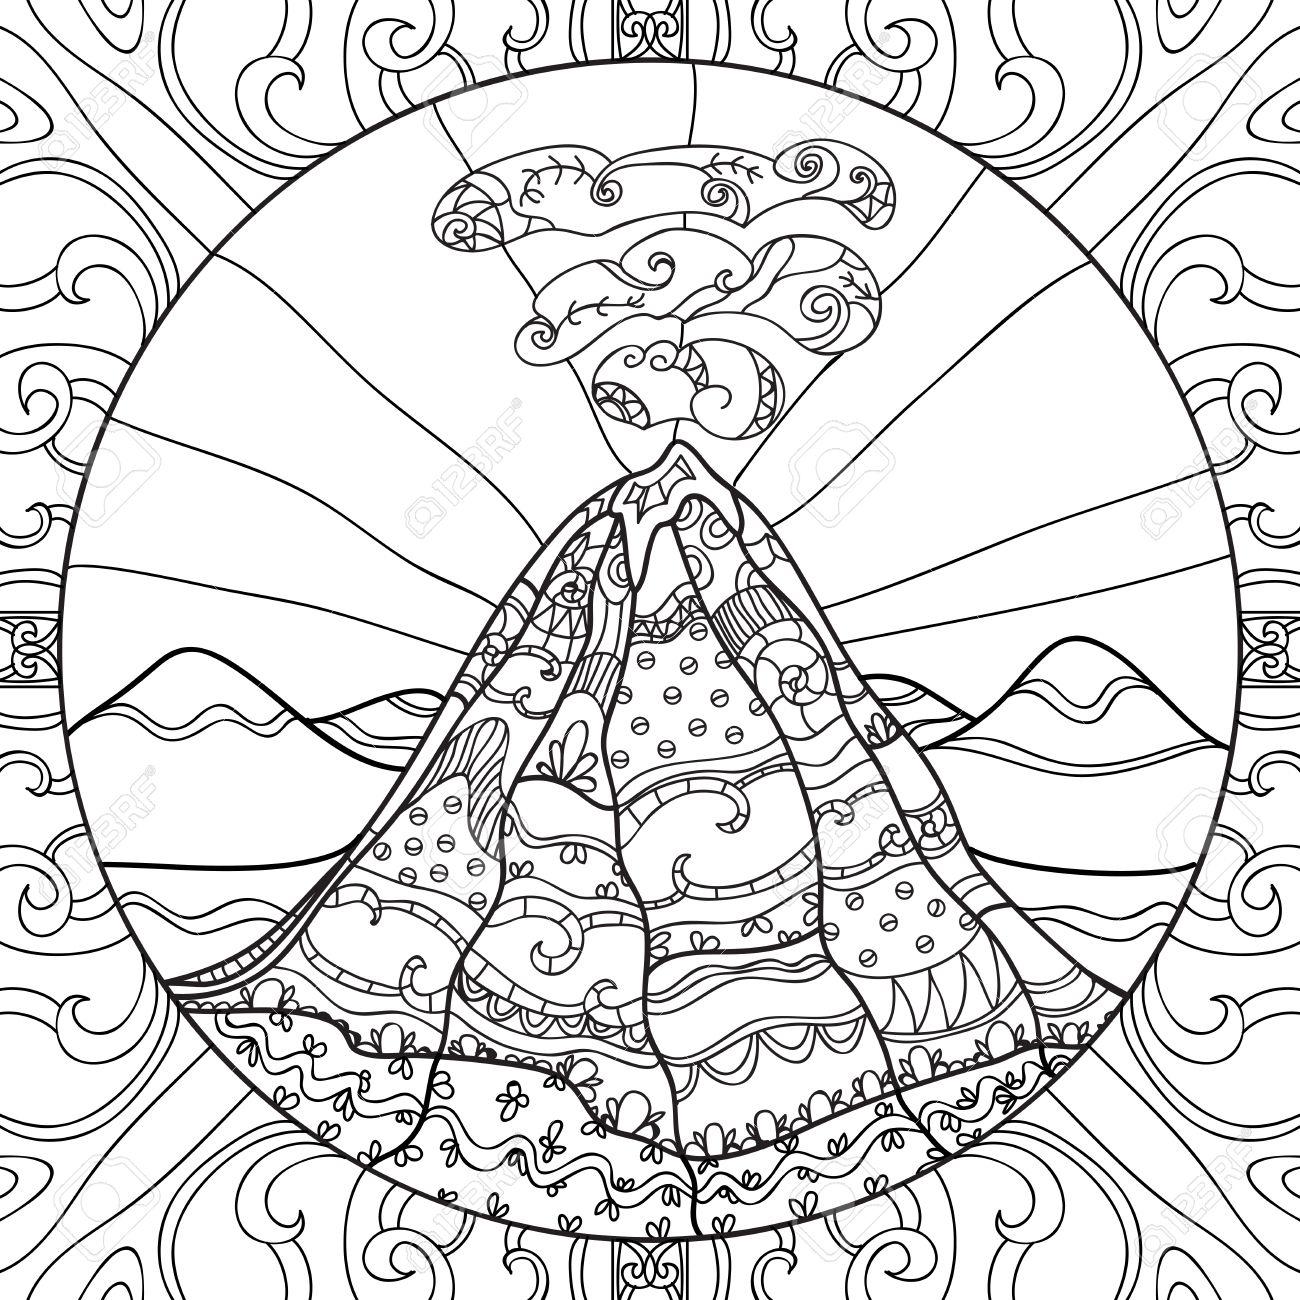 Coloriage Avec Volcan Et Motif Abstrait. Main Illustration Graphique Dessiné à Coloriage Graphique